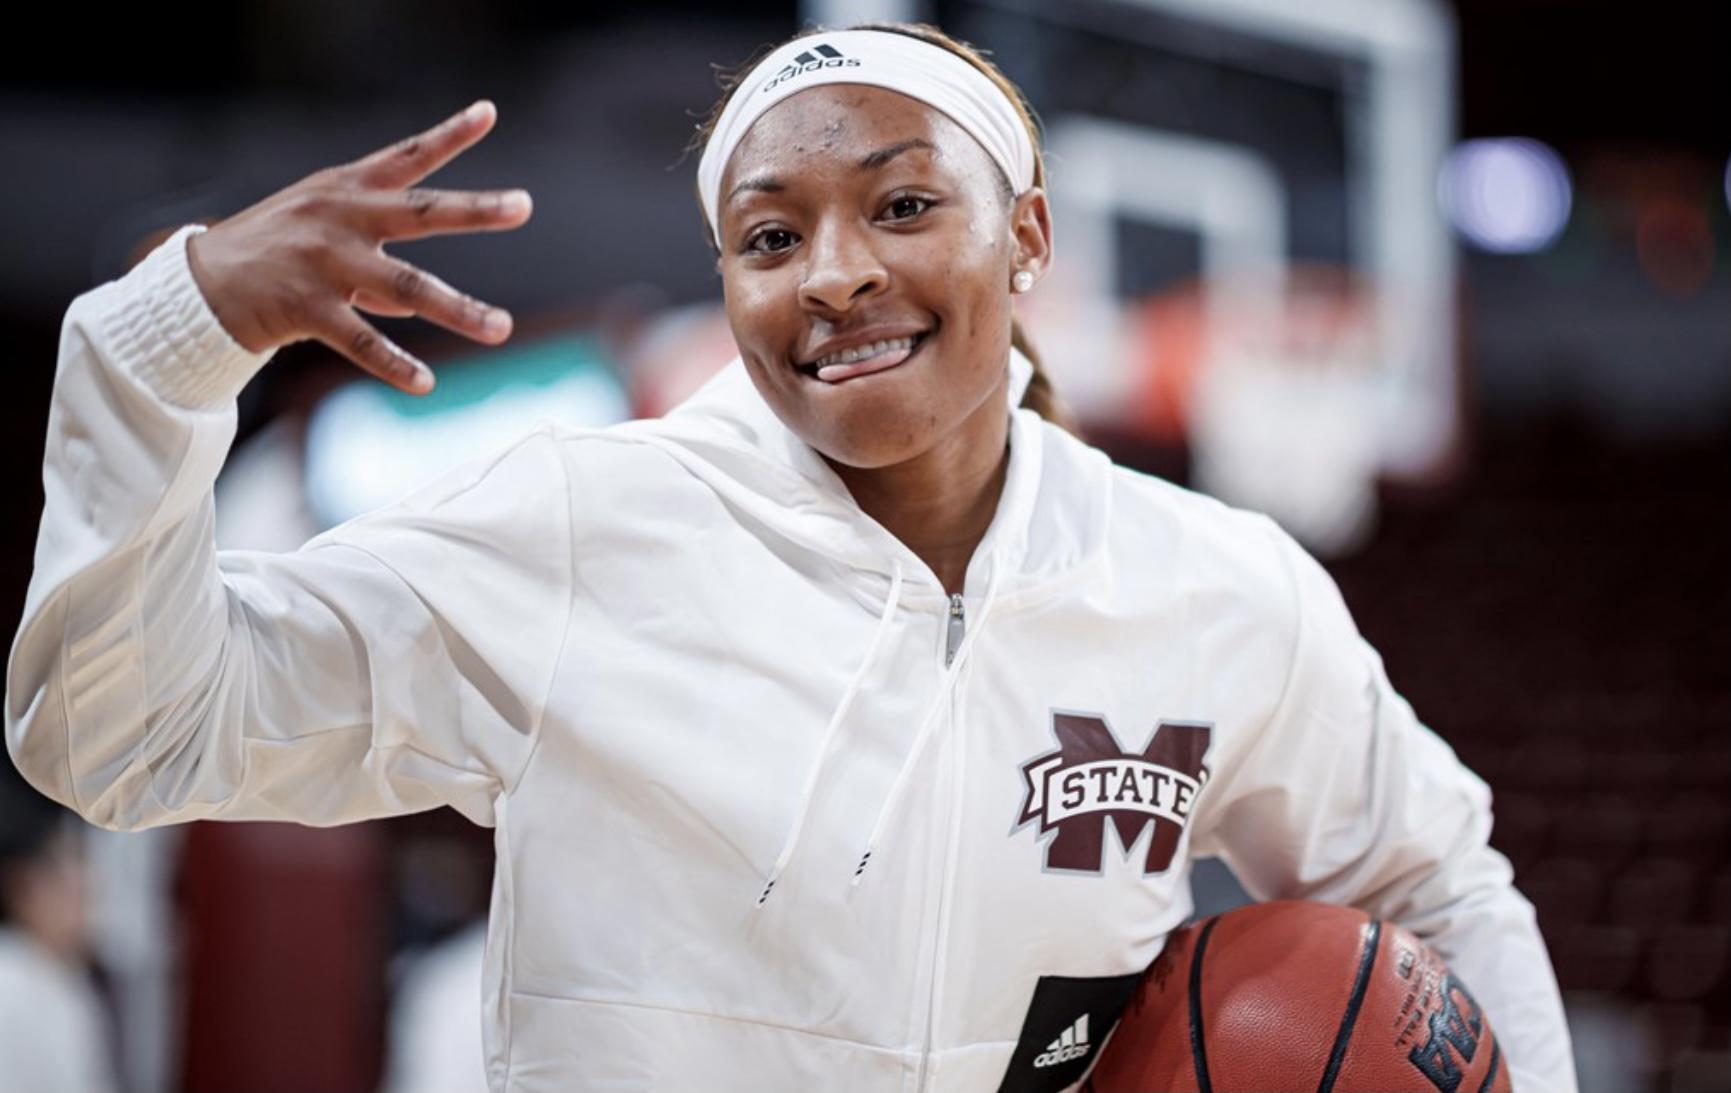 https://hailstate.com/galleries/womens-basketball/womens-basketball-vs-new-orlea/starkville-ms-december-02-2020/5292/88371